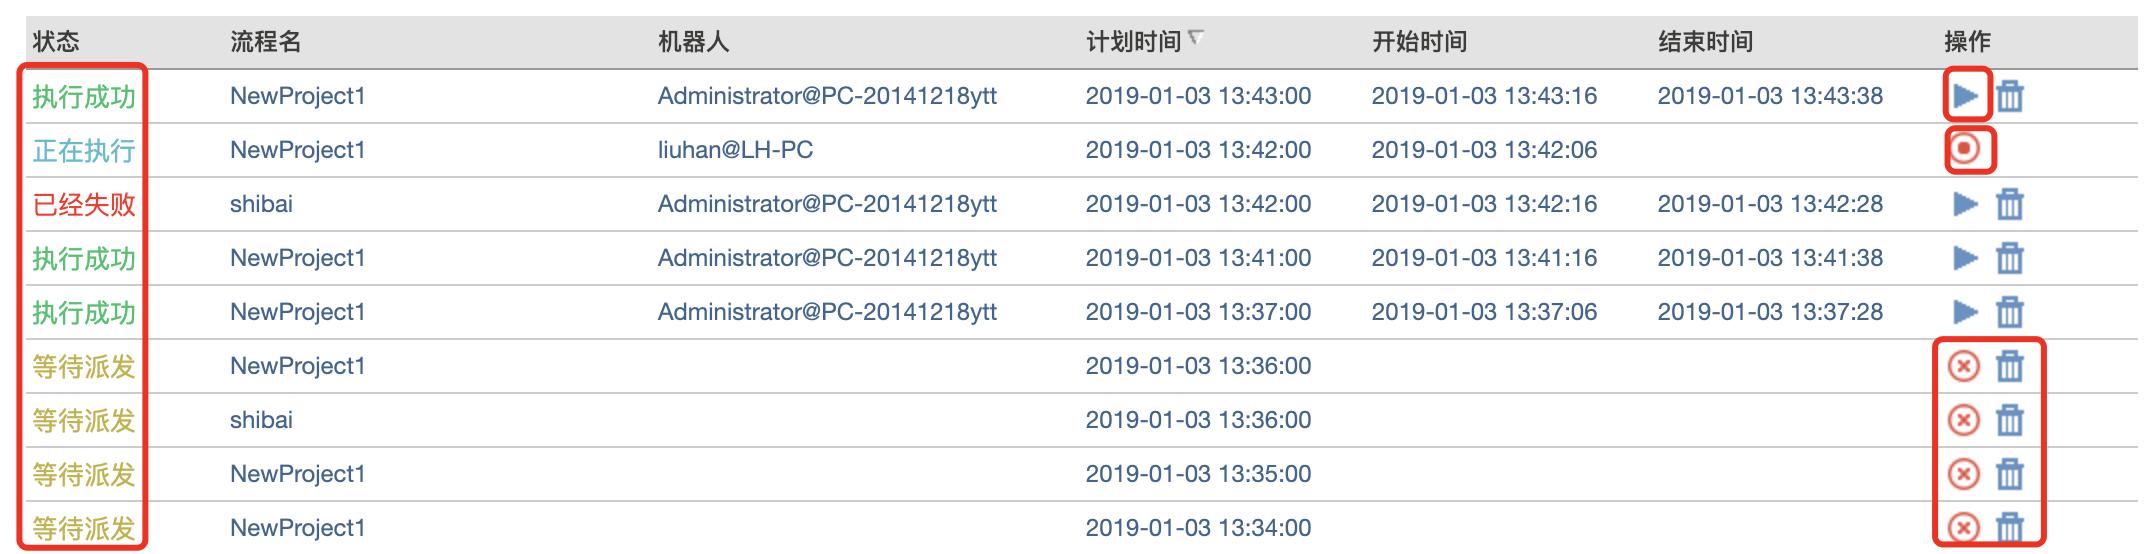 RPA8.0 服务器探秘